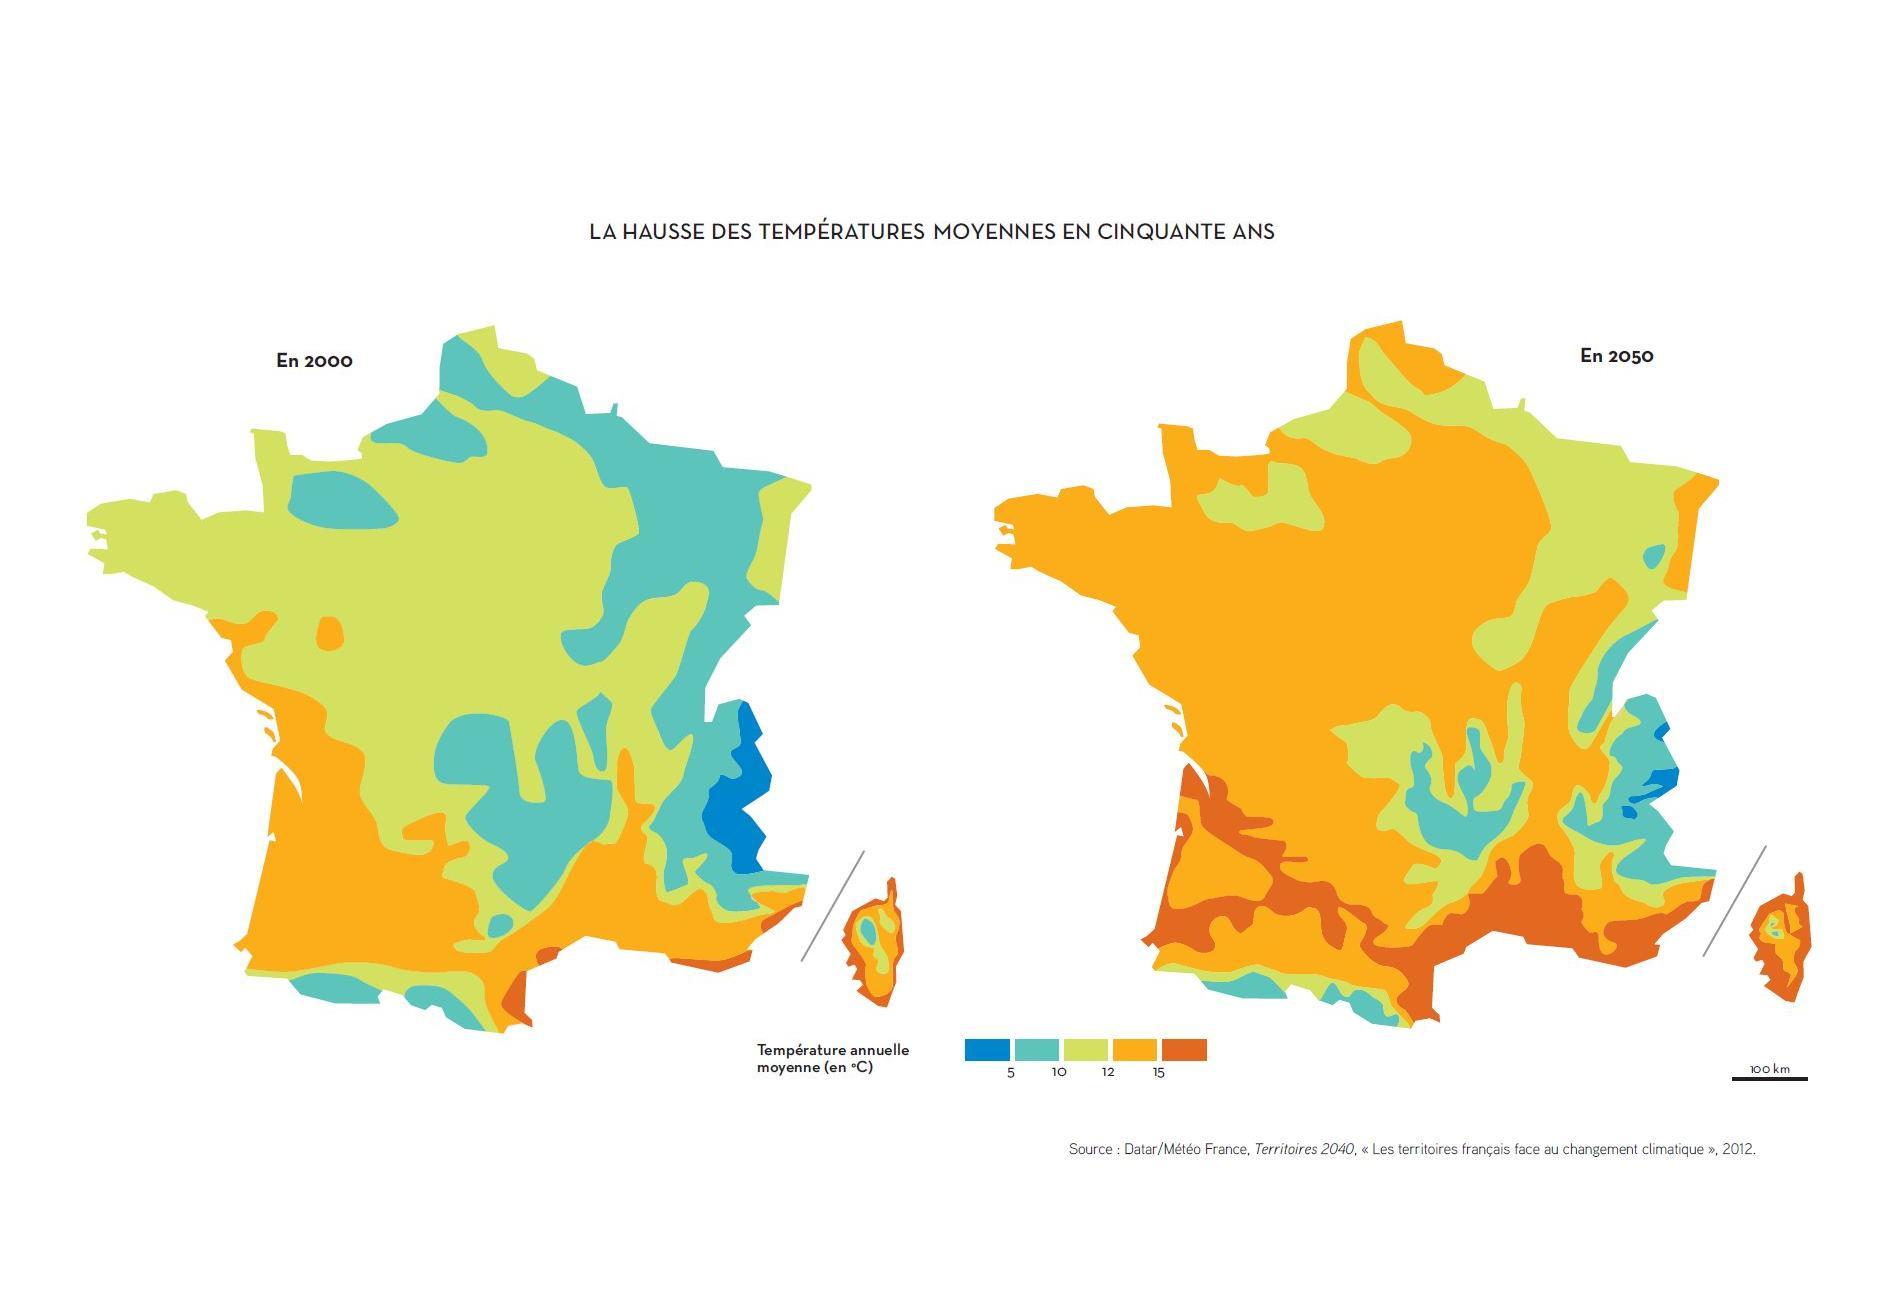 Carte Climat Europe 2050.Recit Franceinfo Nous Sommes Le 16 Aout 2050 Et Voici A